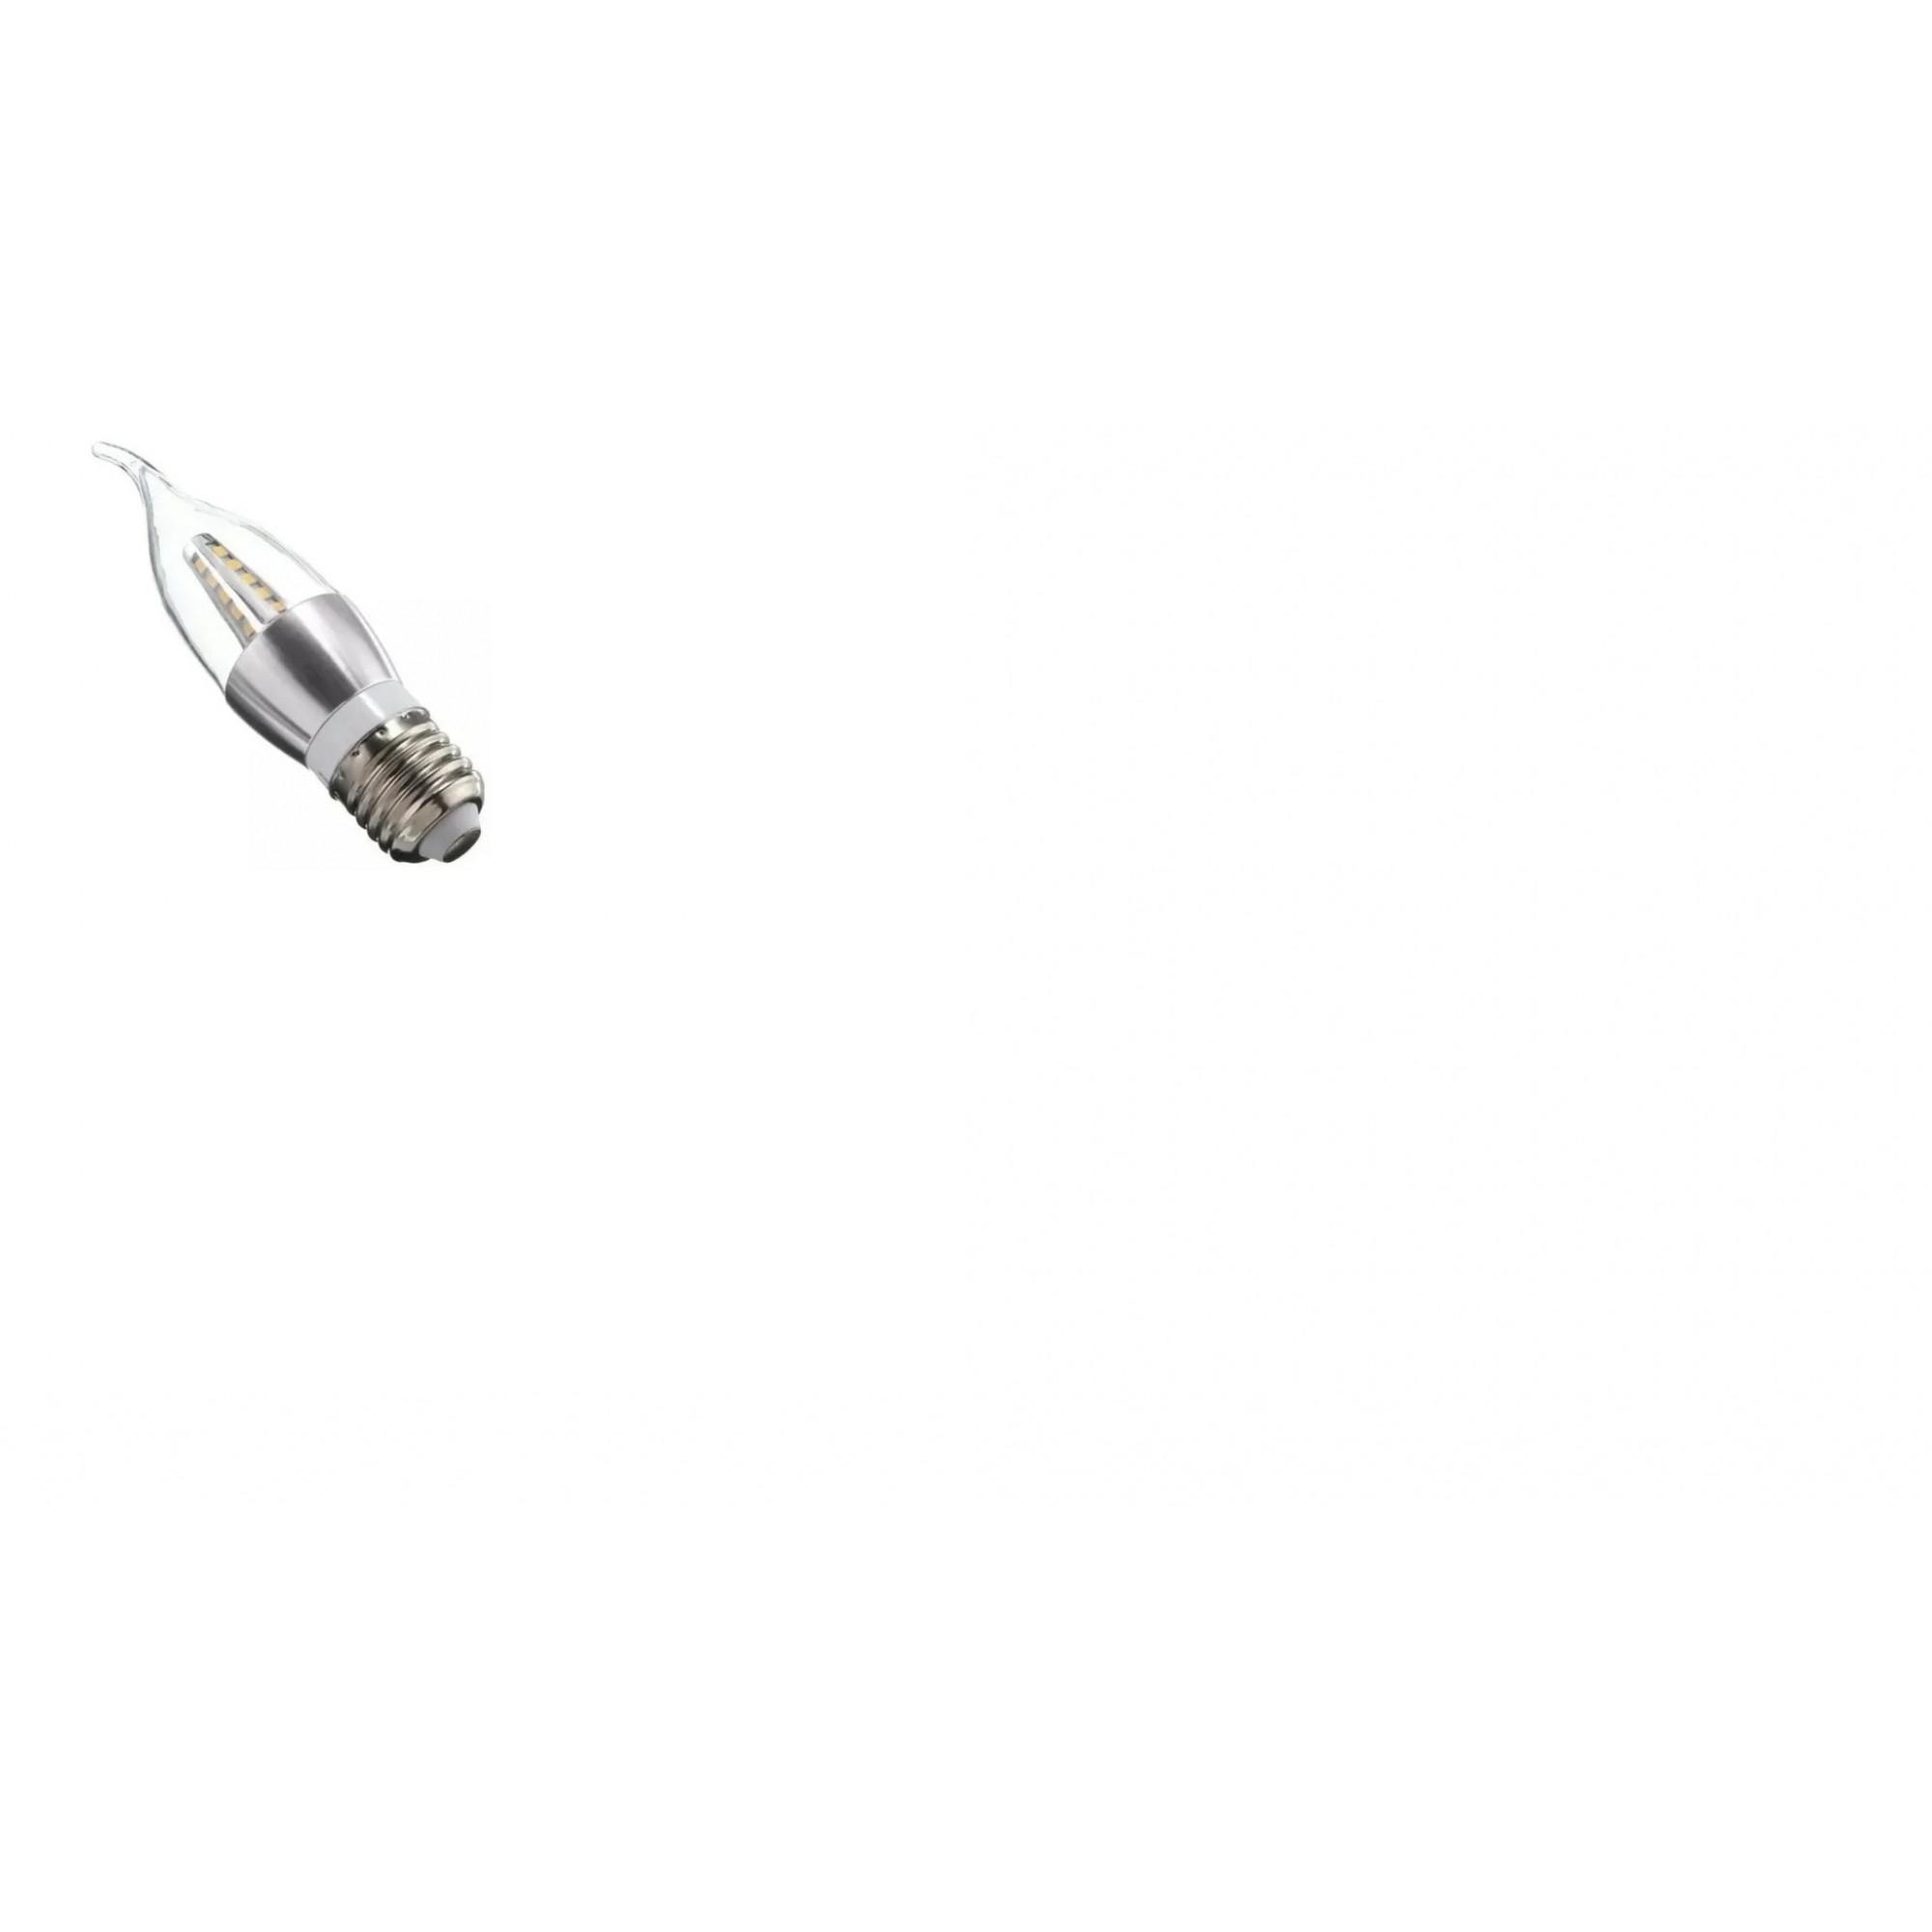 Lampada LED 5w 6000K Vela Chama Cristal E27 Branco Frio Com Bico  - OUTLED ILUMINAÇÃO